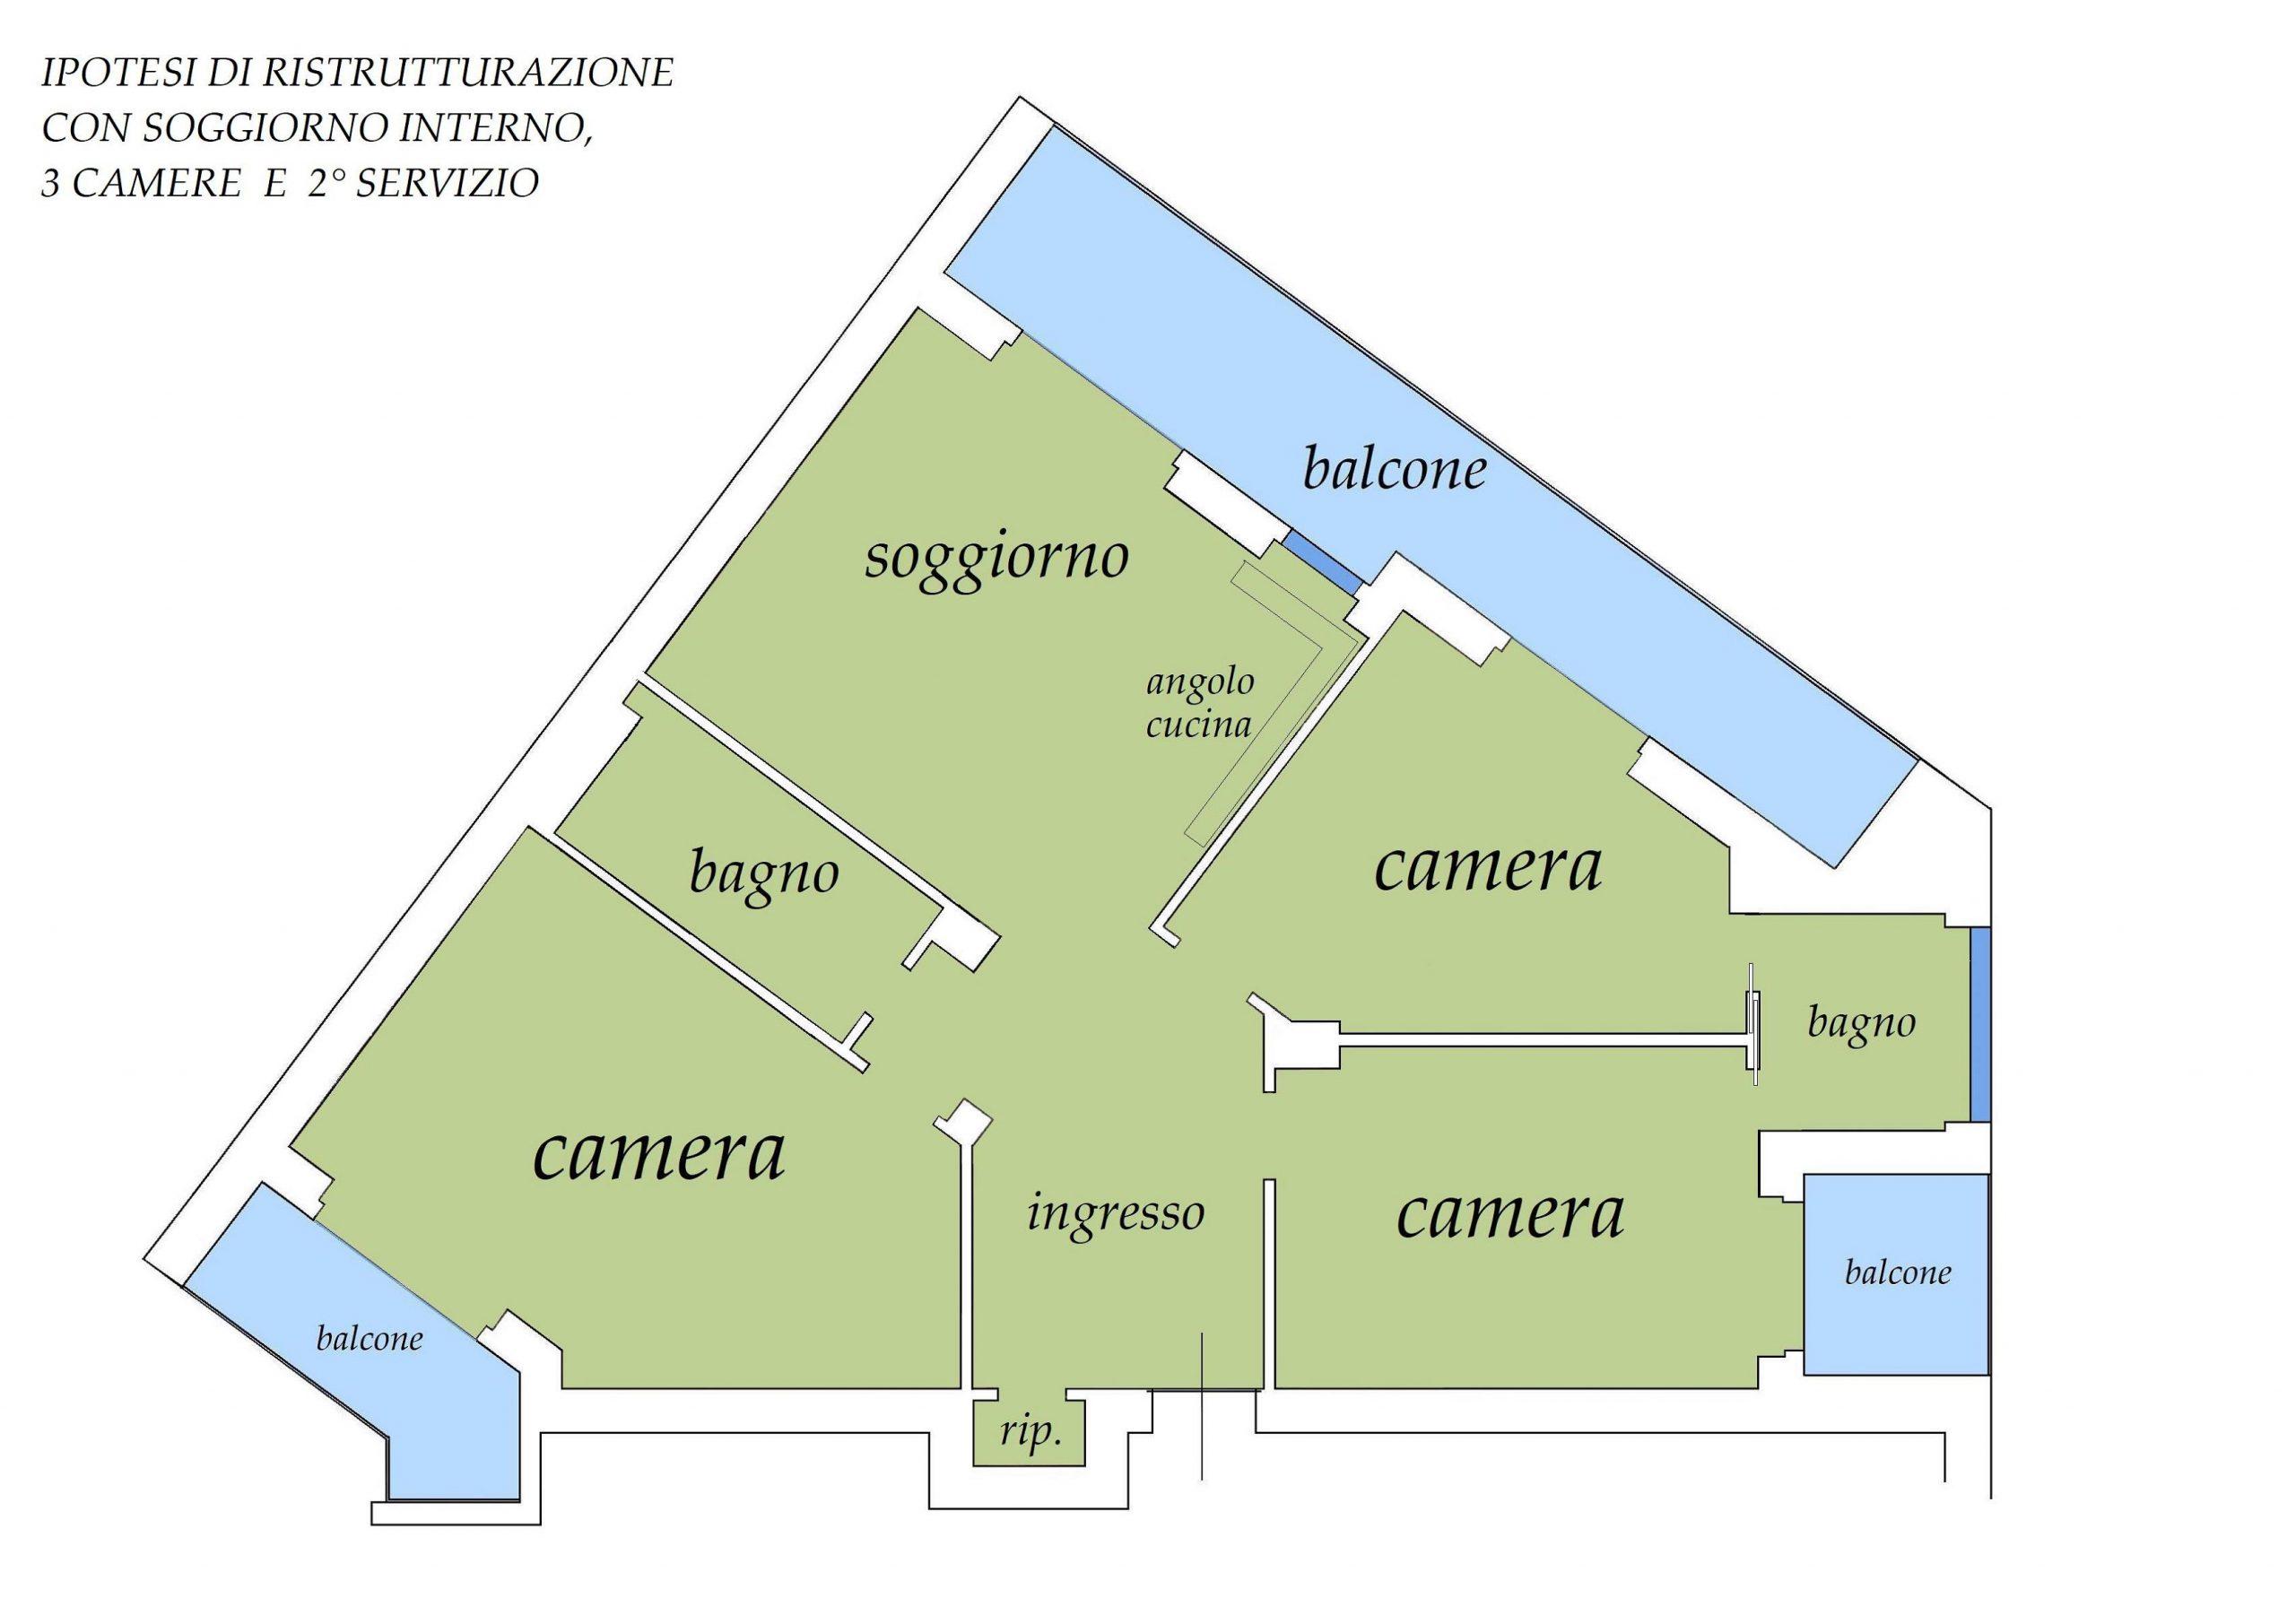 Ipotesi di ristrutturazione con soggirono interno, 3 camere e secondo servizio